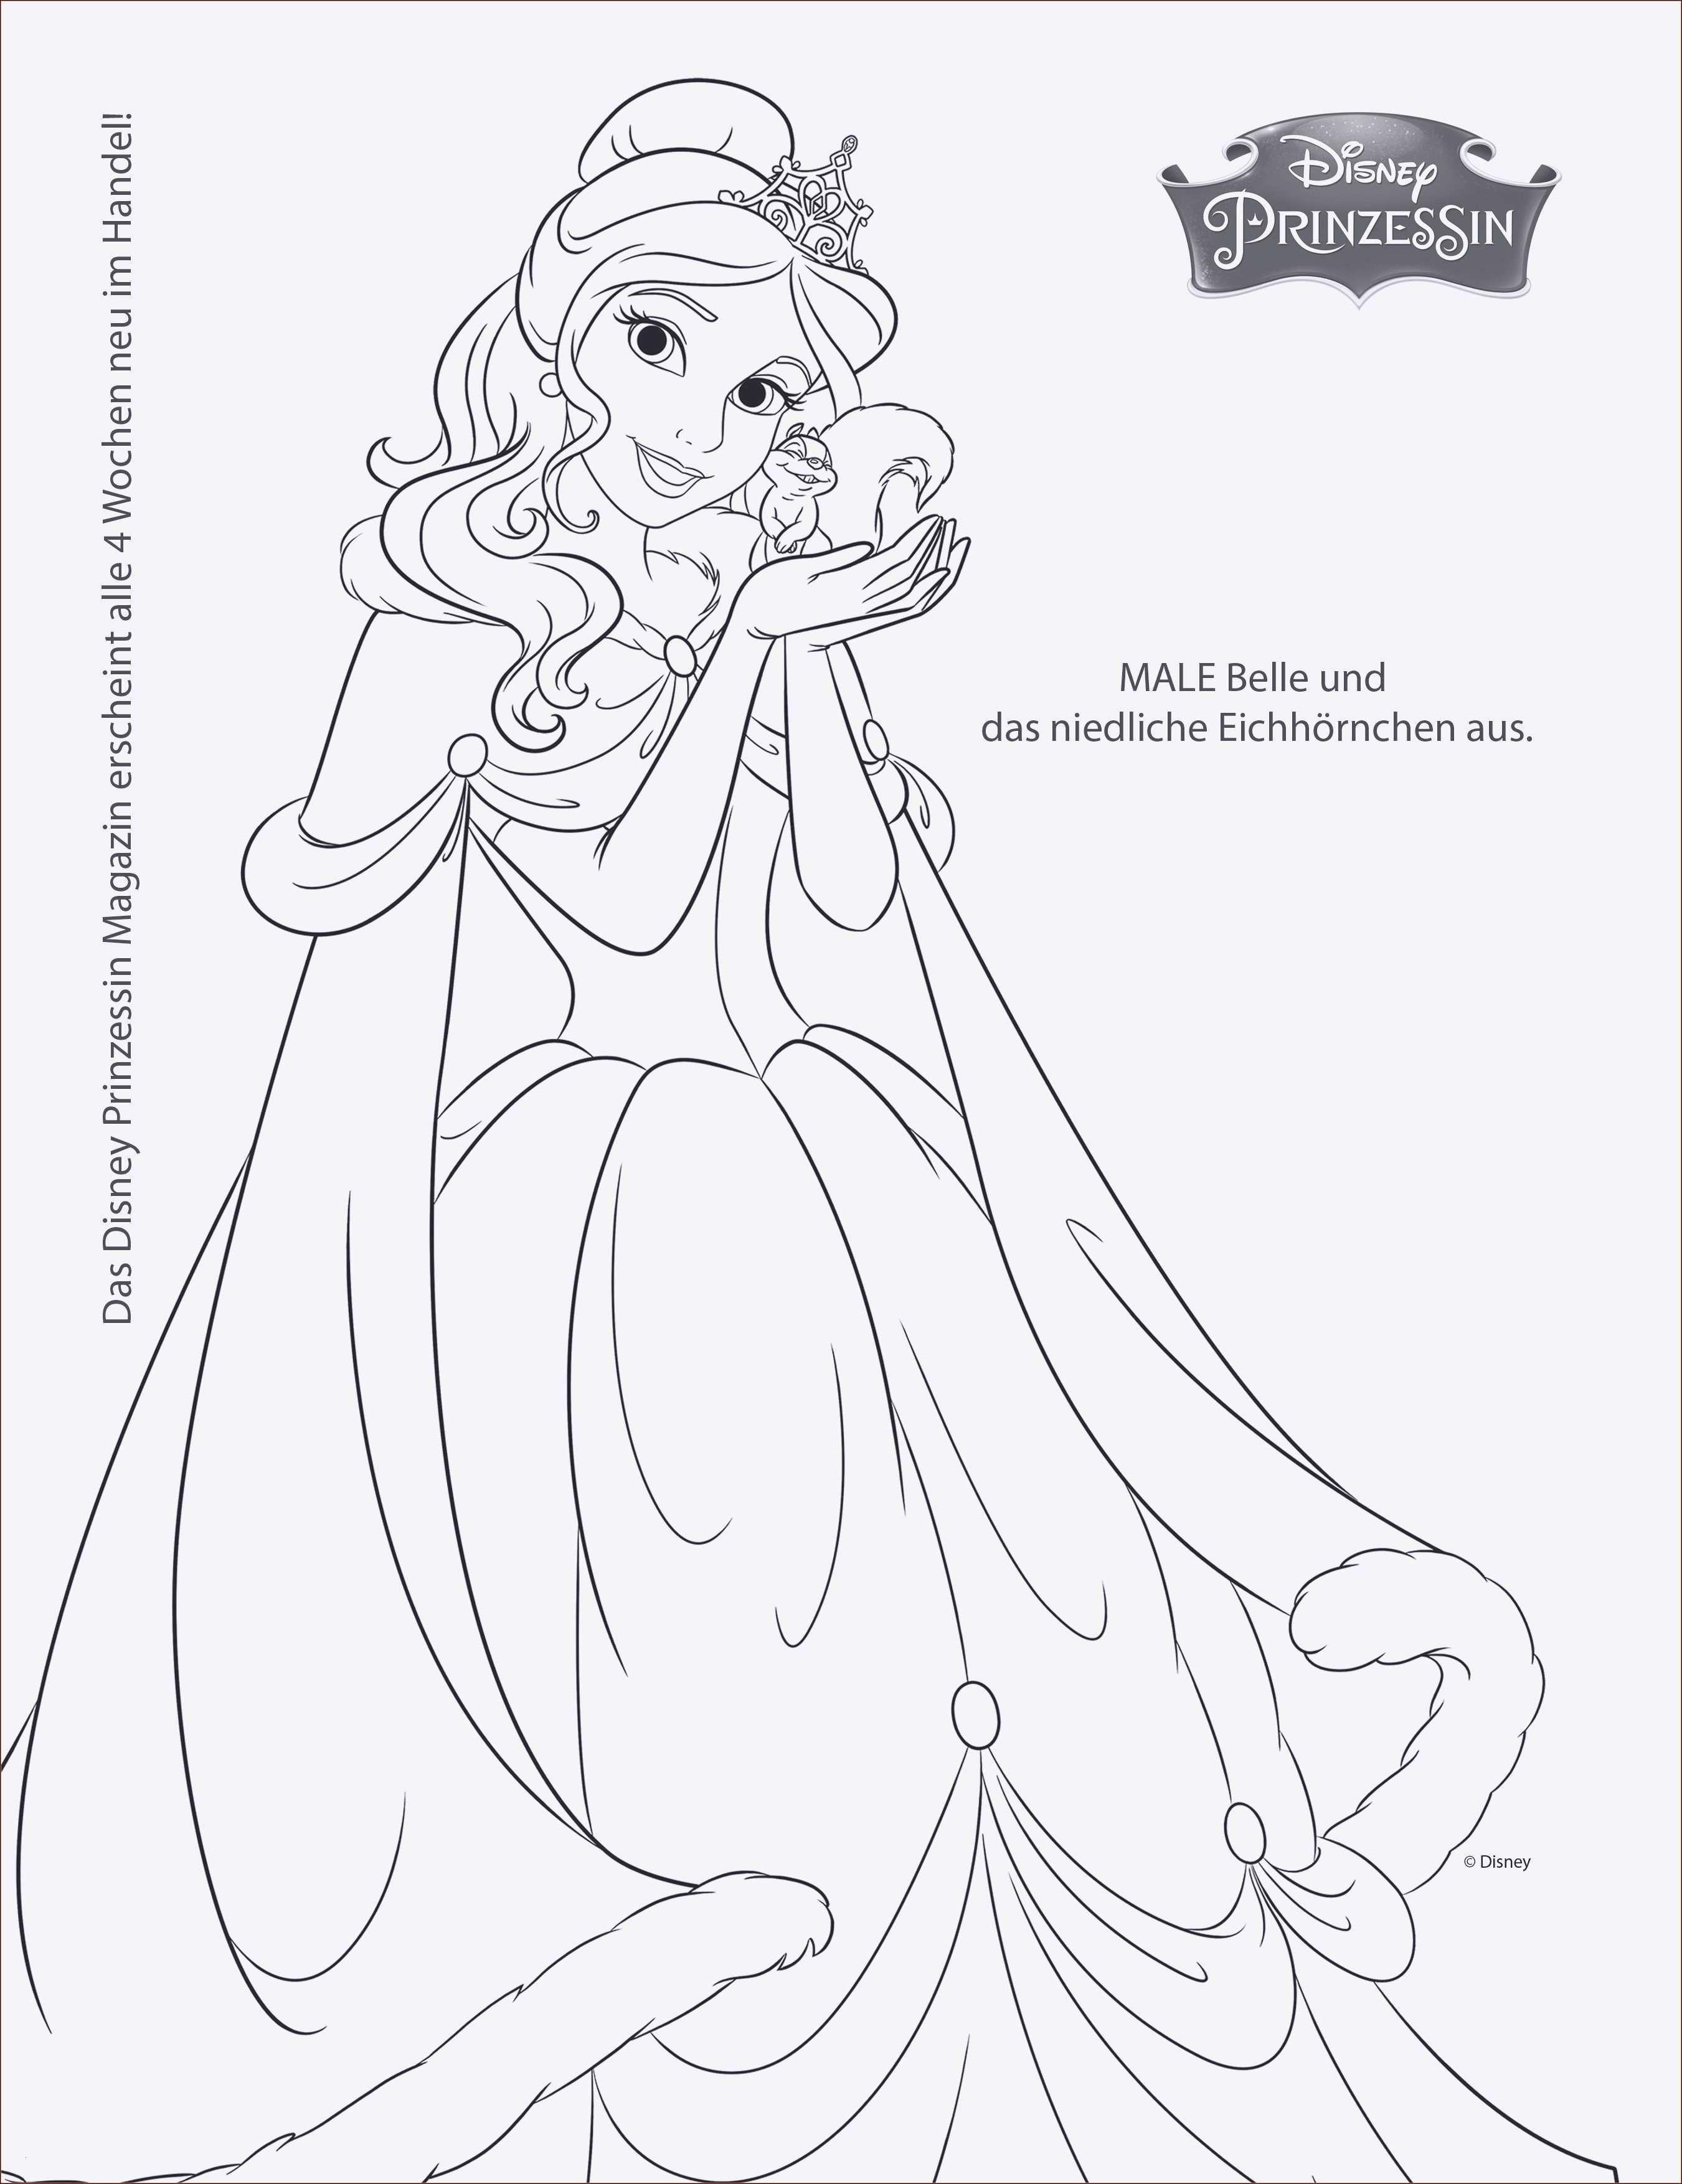 Disney Princess Ausmalbilder Einzigartig Prinzessin Ausmalbilder Kostenlos Fotos Malvorlagen Gratis Bilder